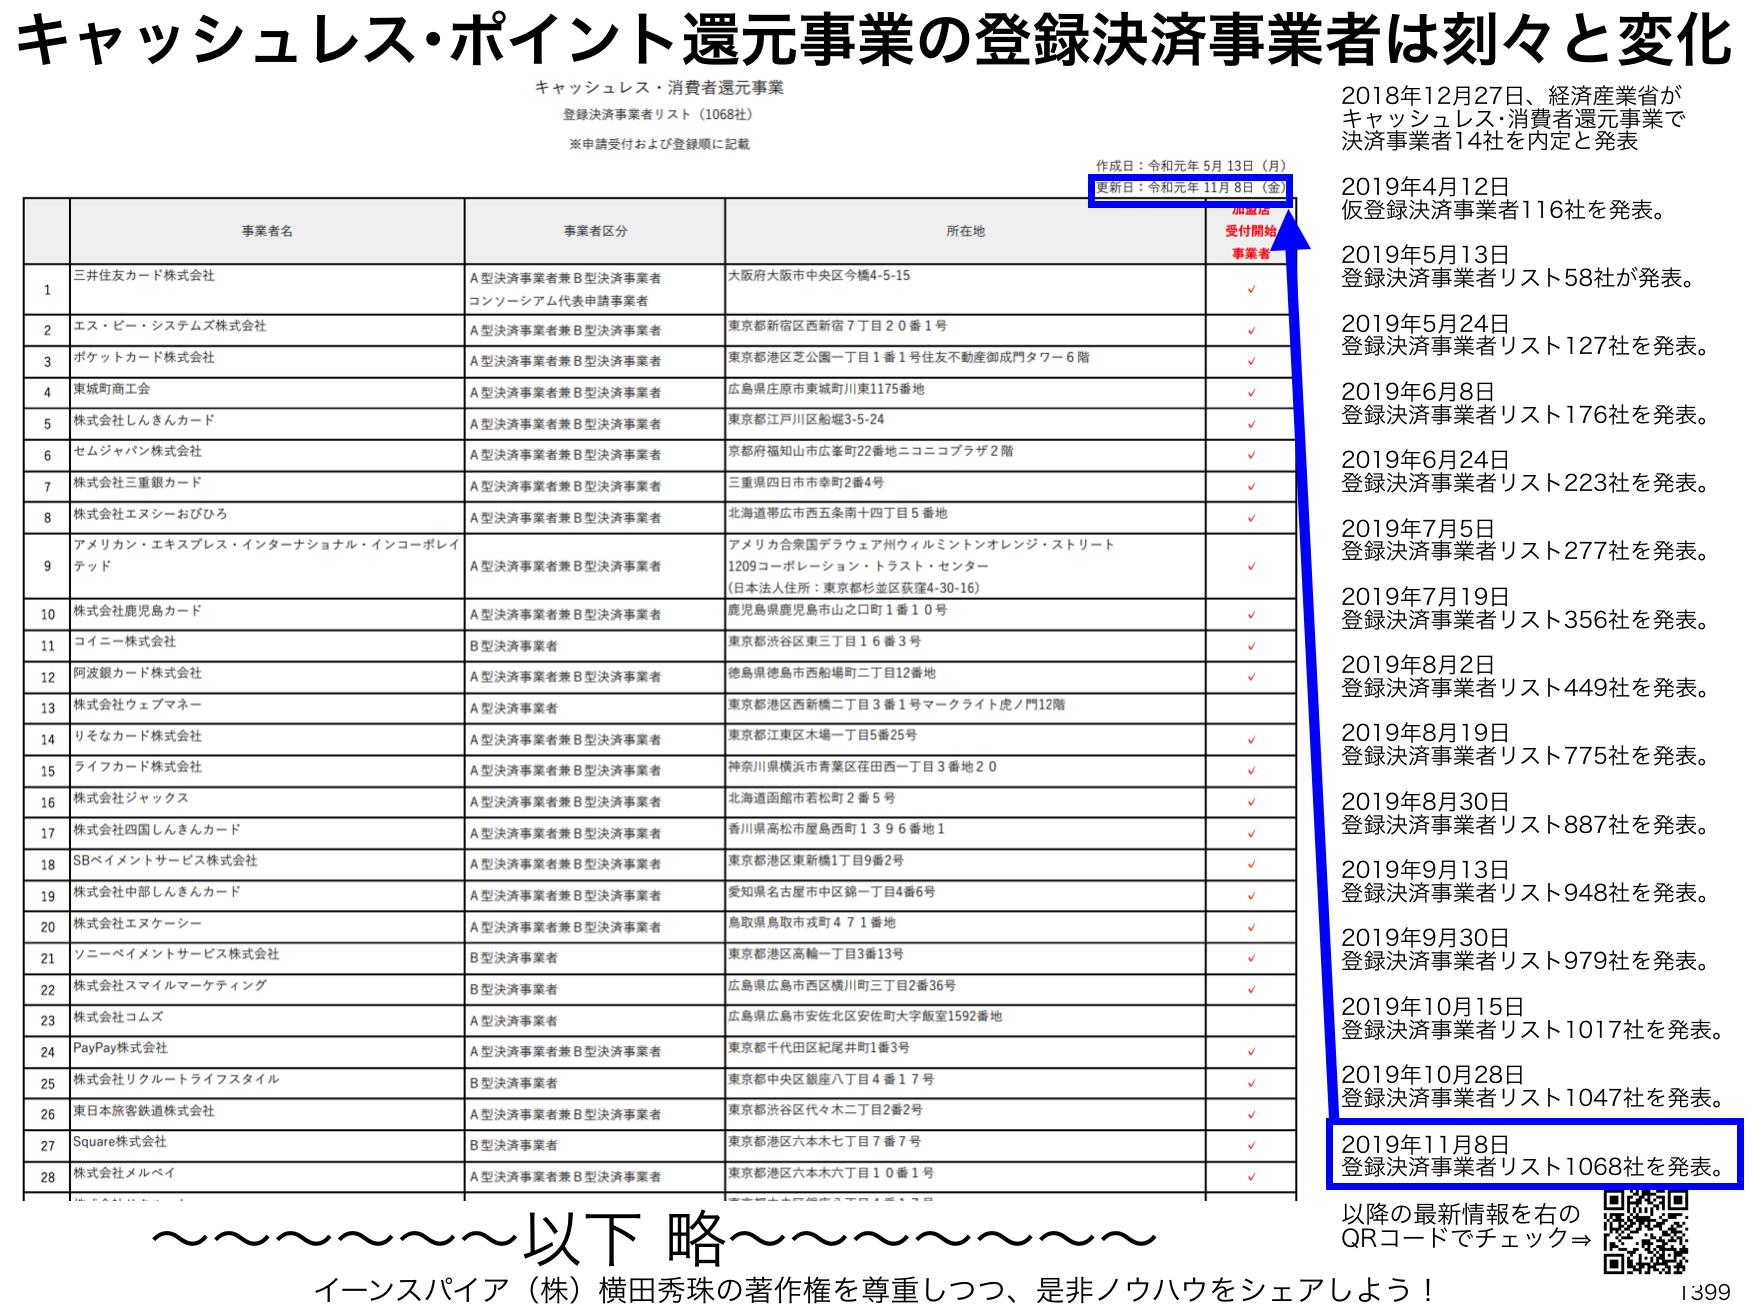 キャッシュレス・消費者還元事業 登録決済事業者リスト1068社